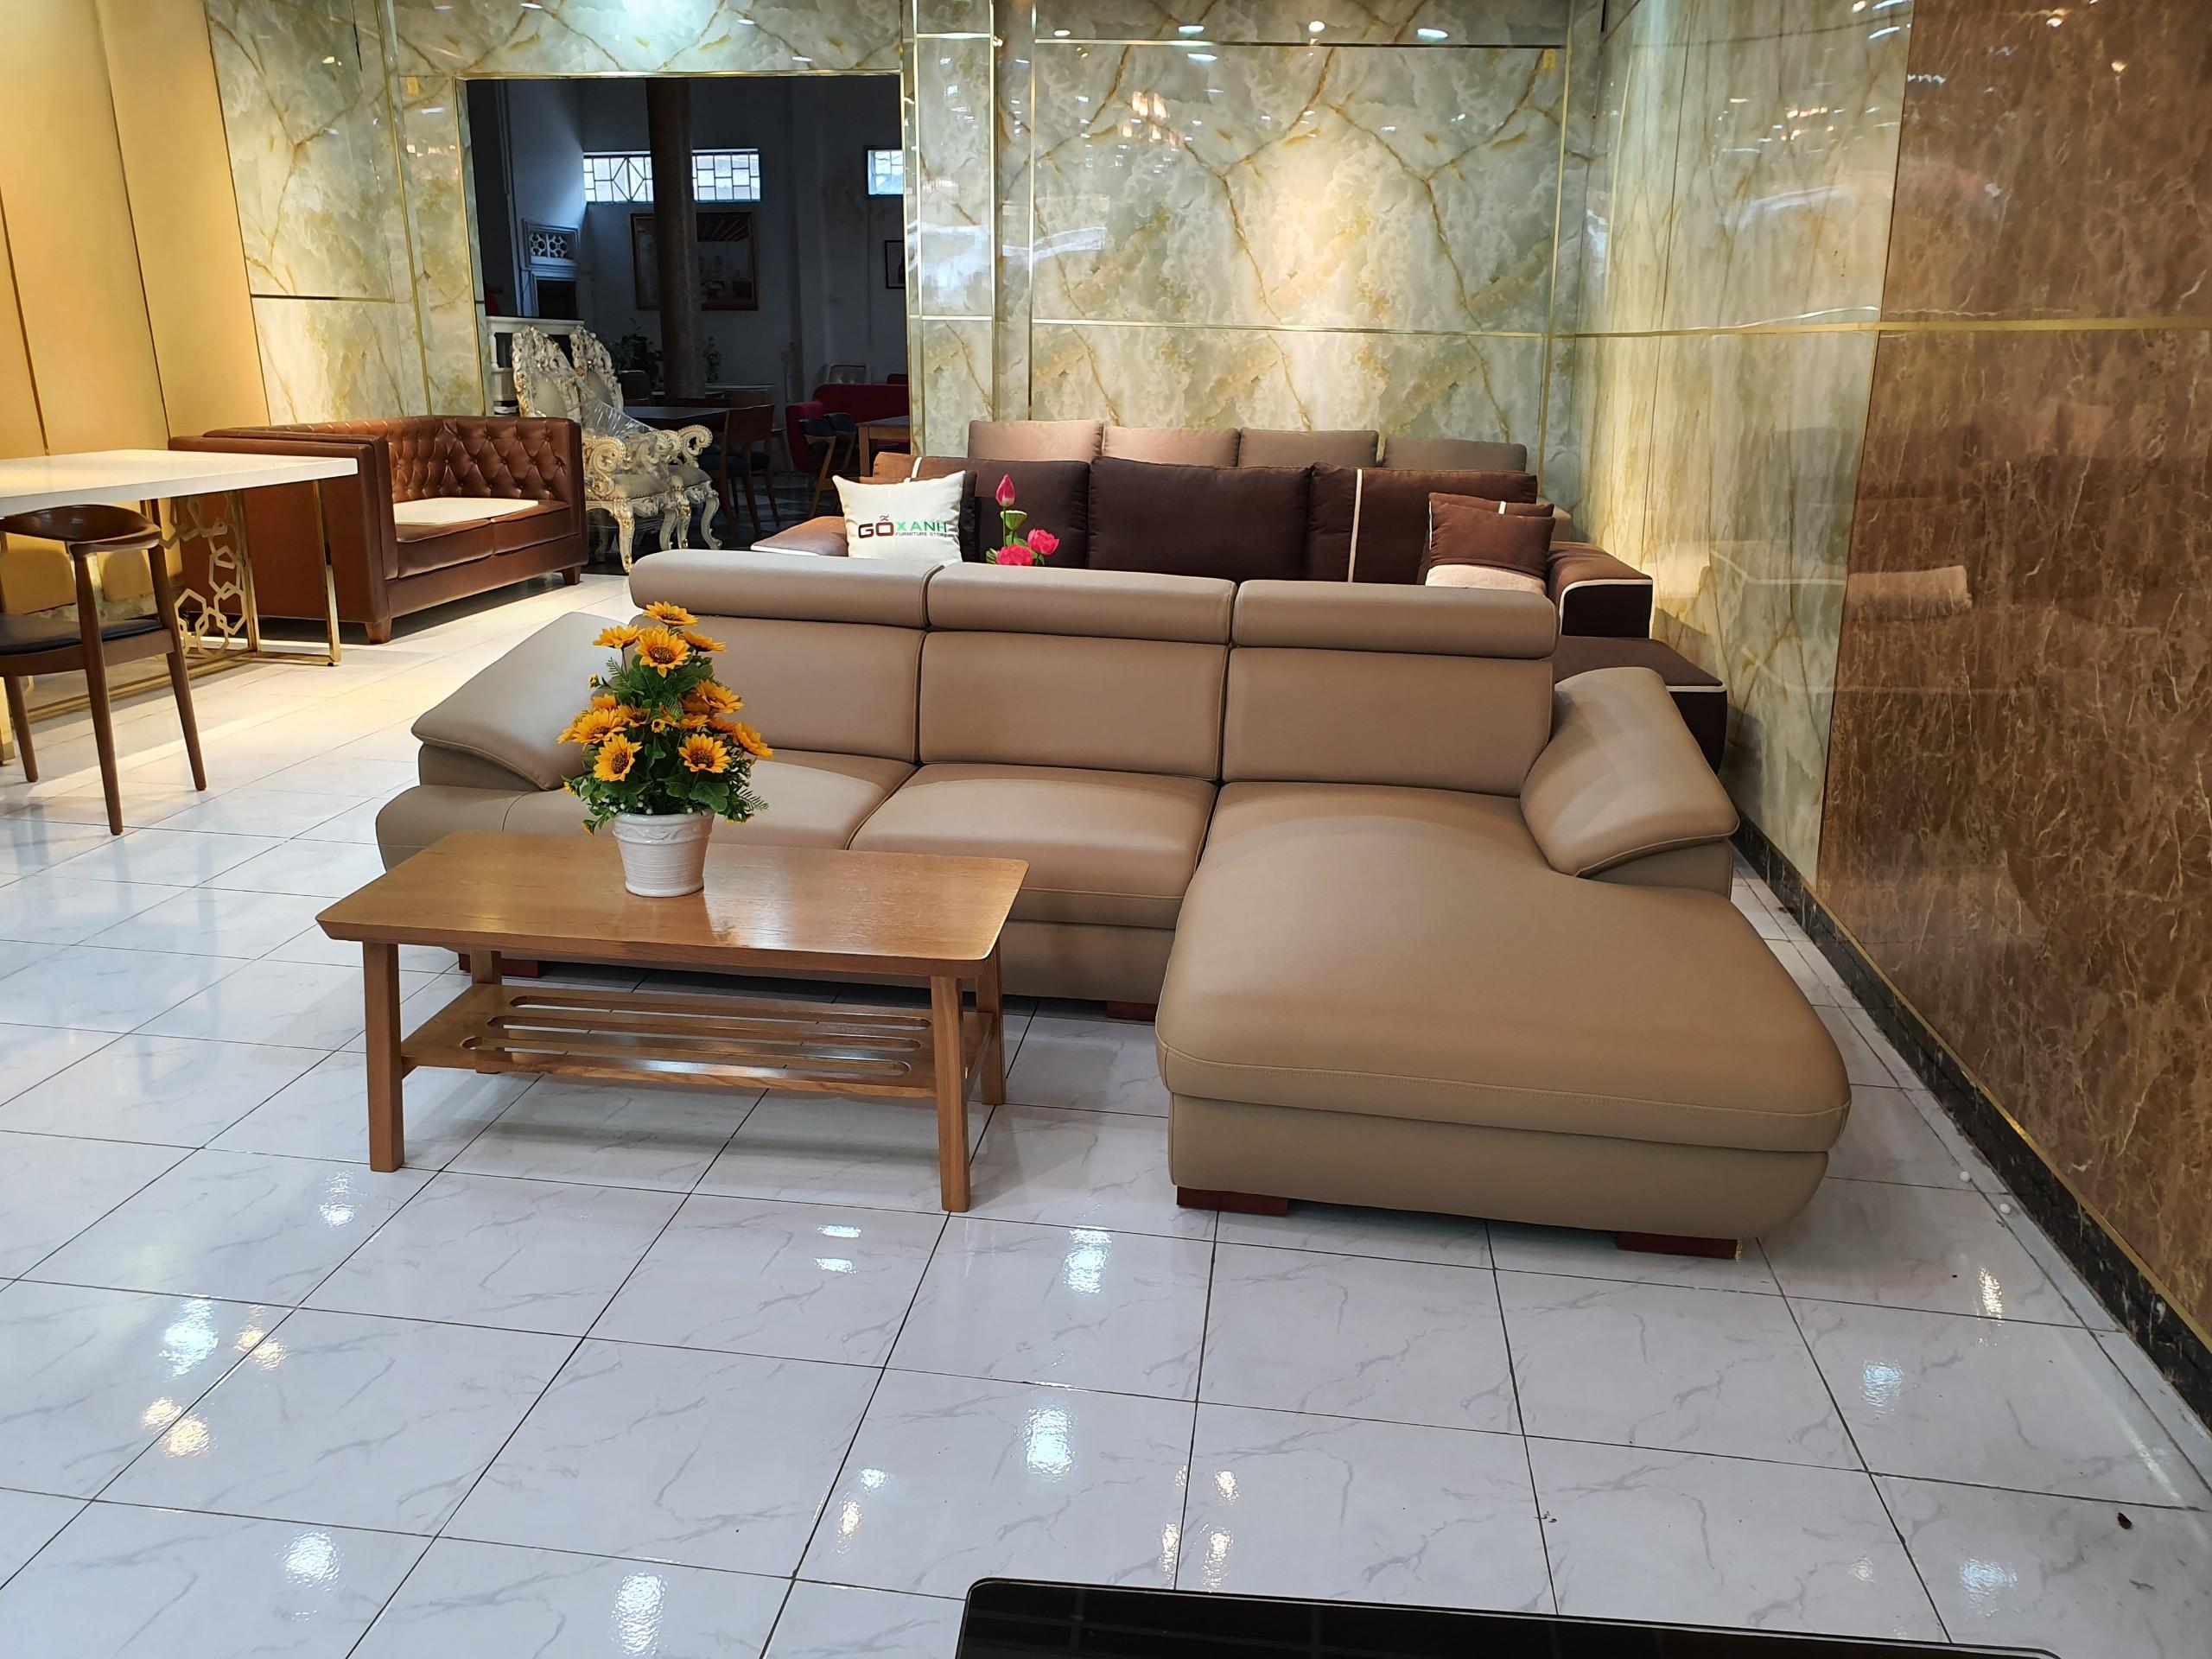 Bộ Ghế Sofa Góc Nhỏ Gọn Phù Hợp Không Gian Căn Hộ _Size 2m5 x 1m6